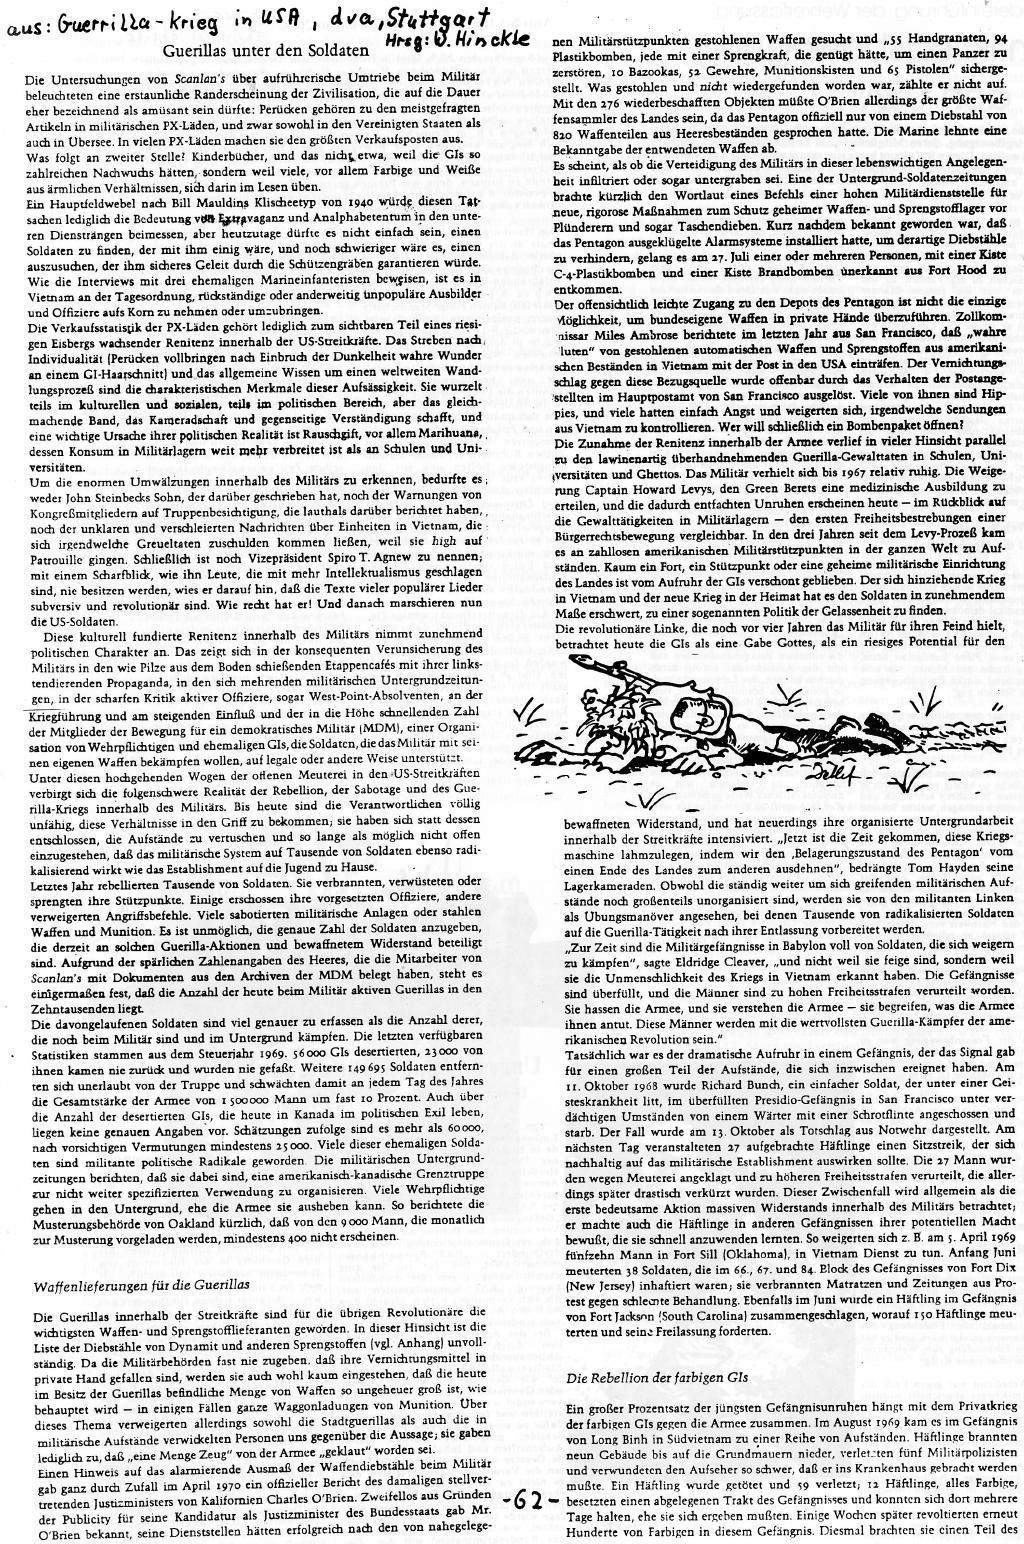 Bremen_1980_NATO_Broschuere_62